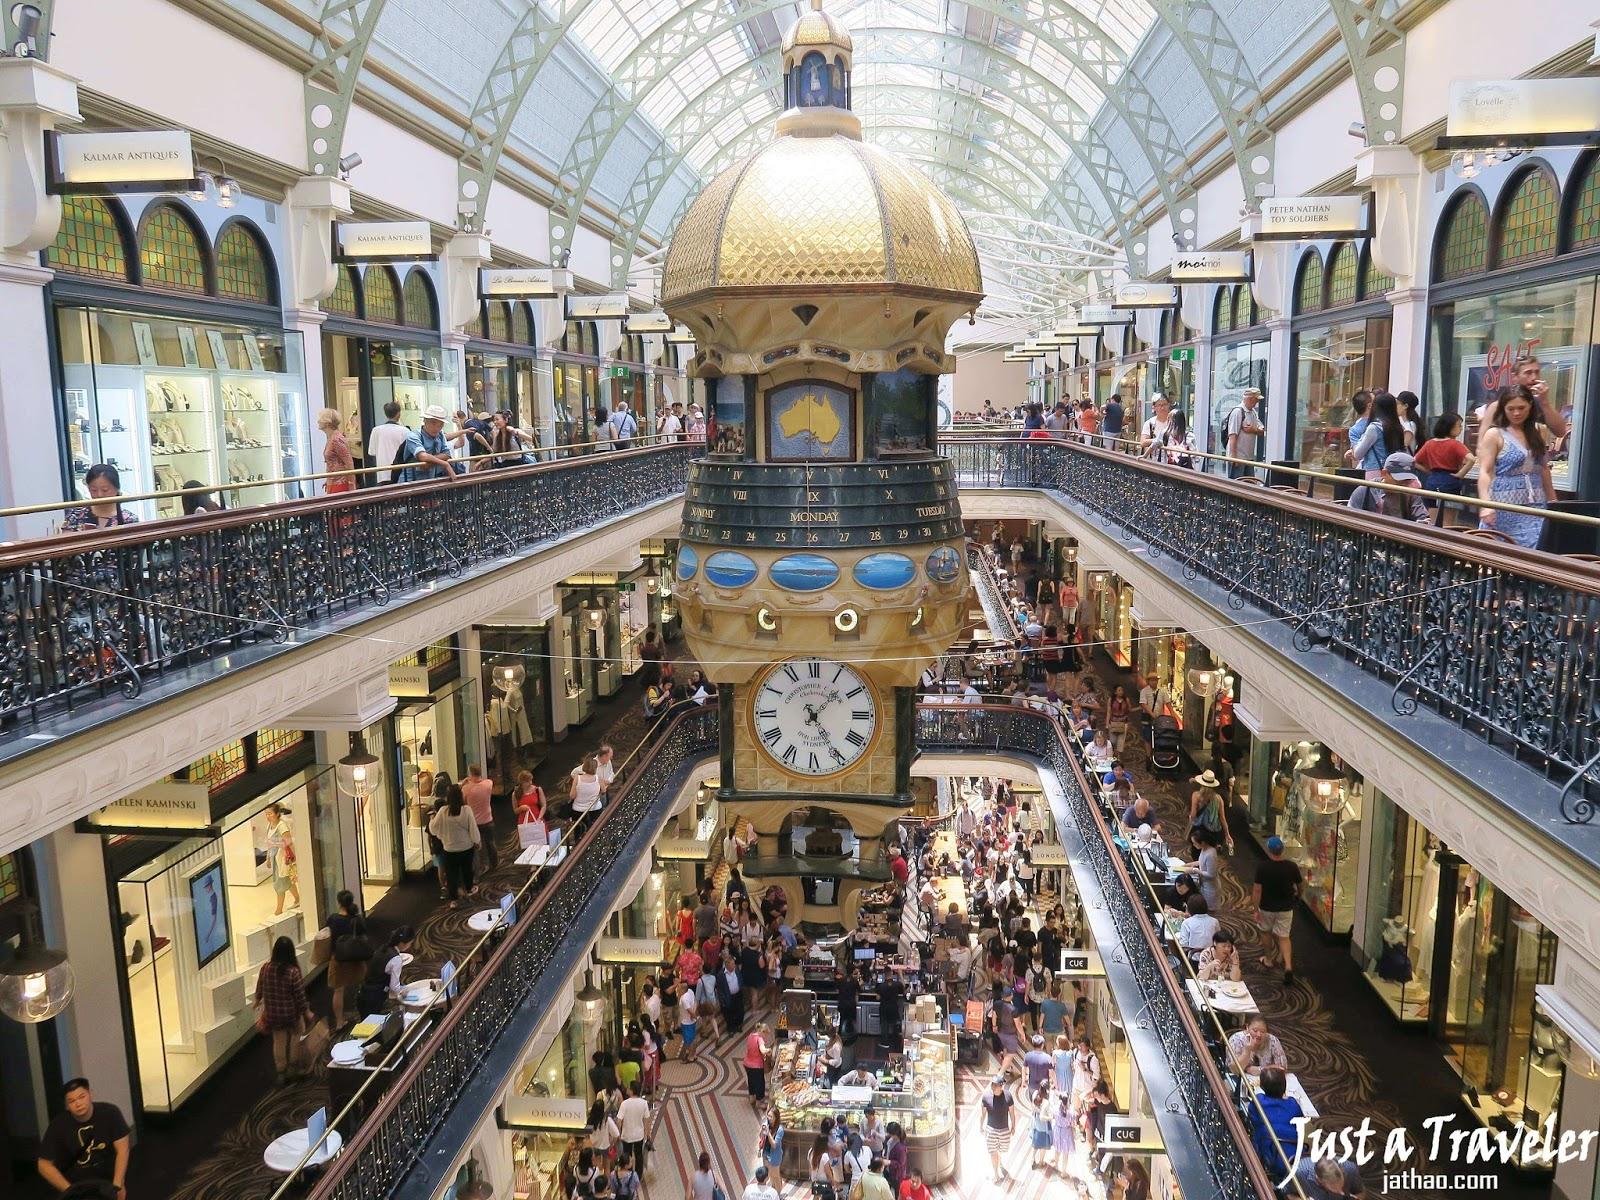 雪梨-雪梨景點-市區-推薦-雪梨必玩景點-雪梨必遊景點-維多利亞女王大廈-雪梨旅遊景點-雪梨自由行景點-悉尼景點-澳洲-Sydney-Tourist-Attraction-Queen-Victoria-Building-Travel-Australia